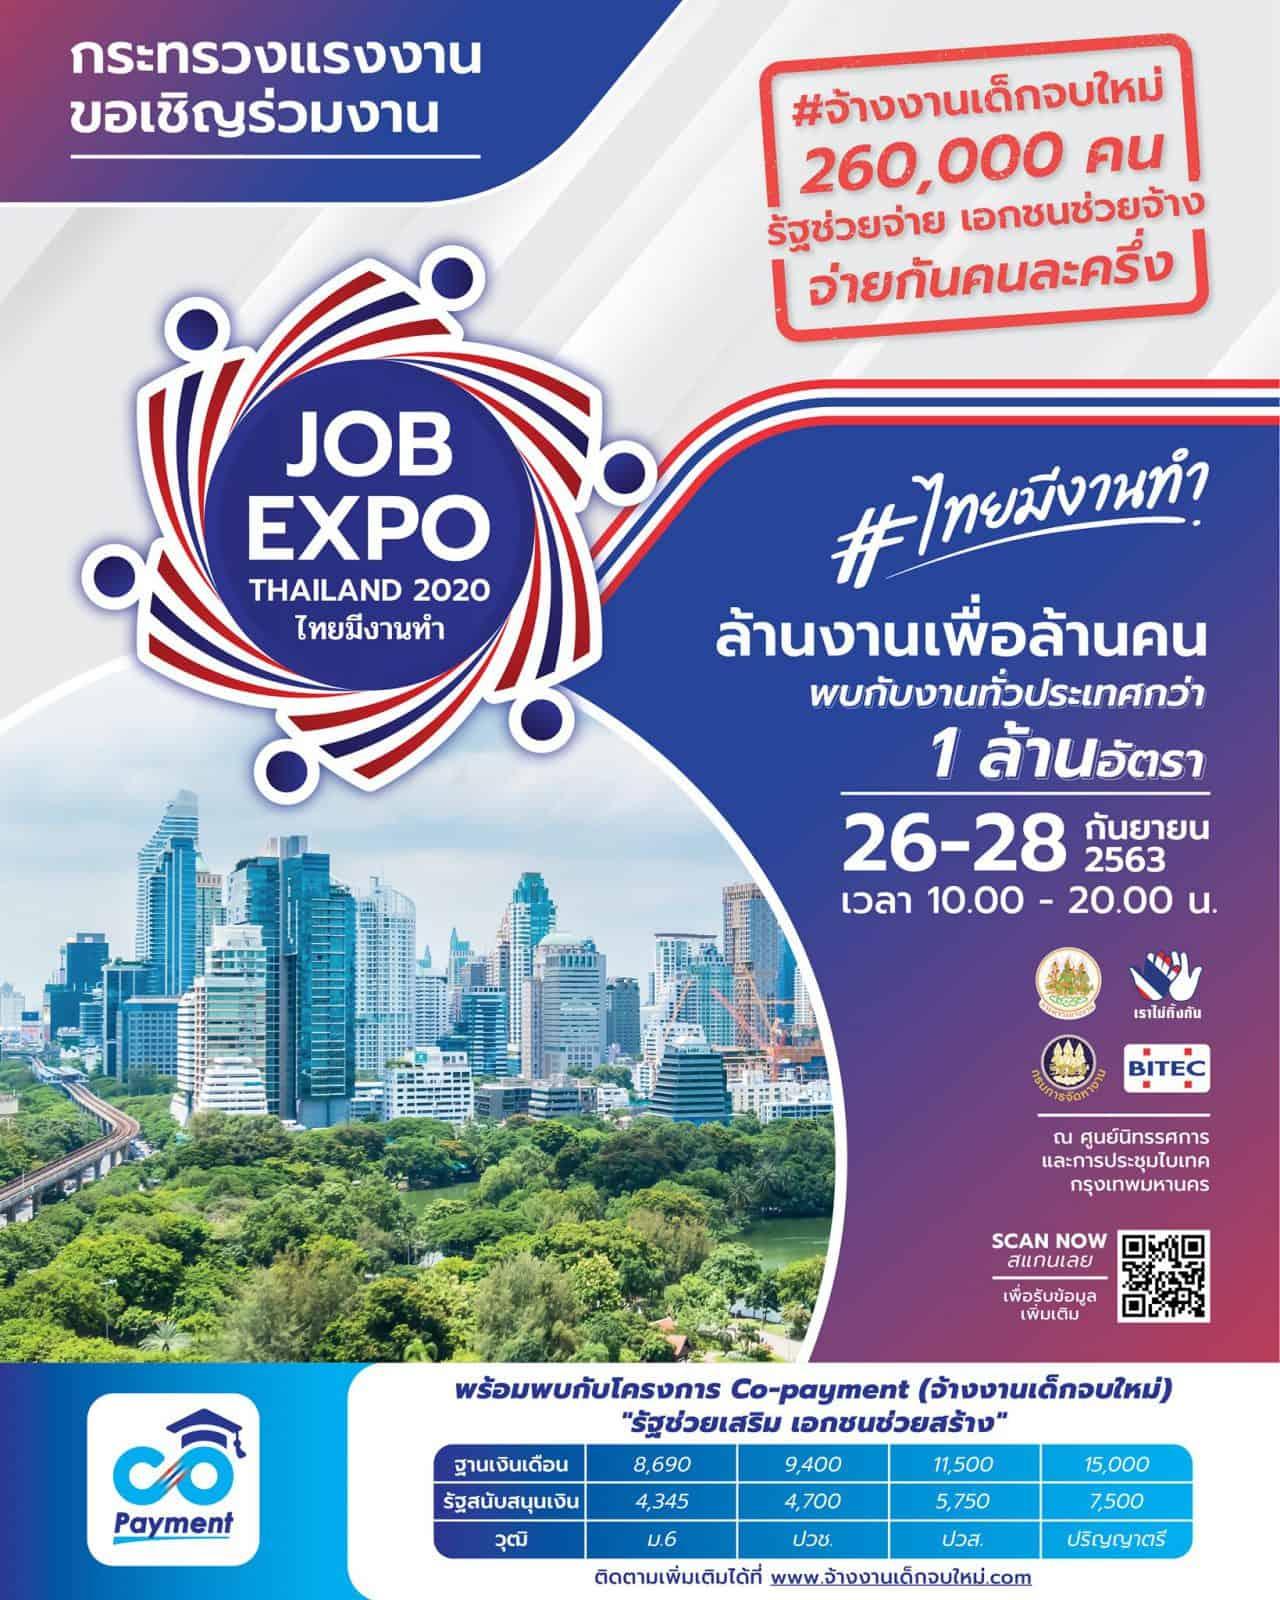 ไทยมีงานทำ.com JOB EXPO THAILAND 2020 26-28 กันยายน 2563 ไบเทค บางนา